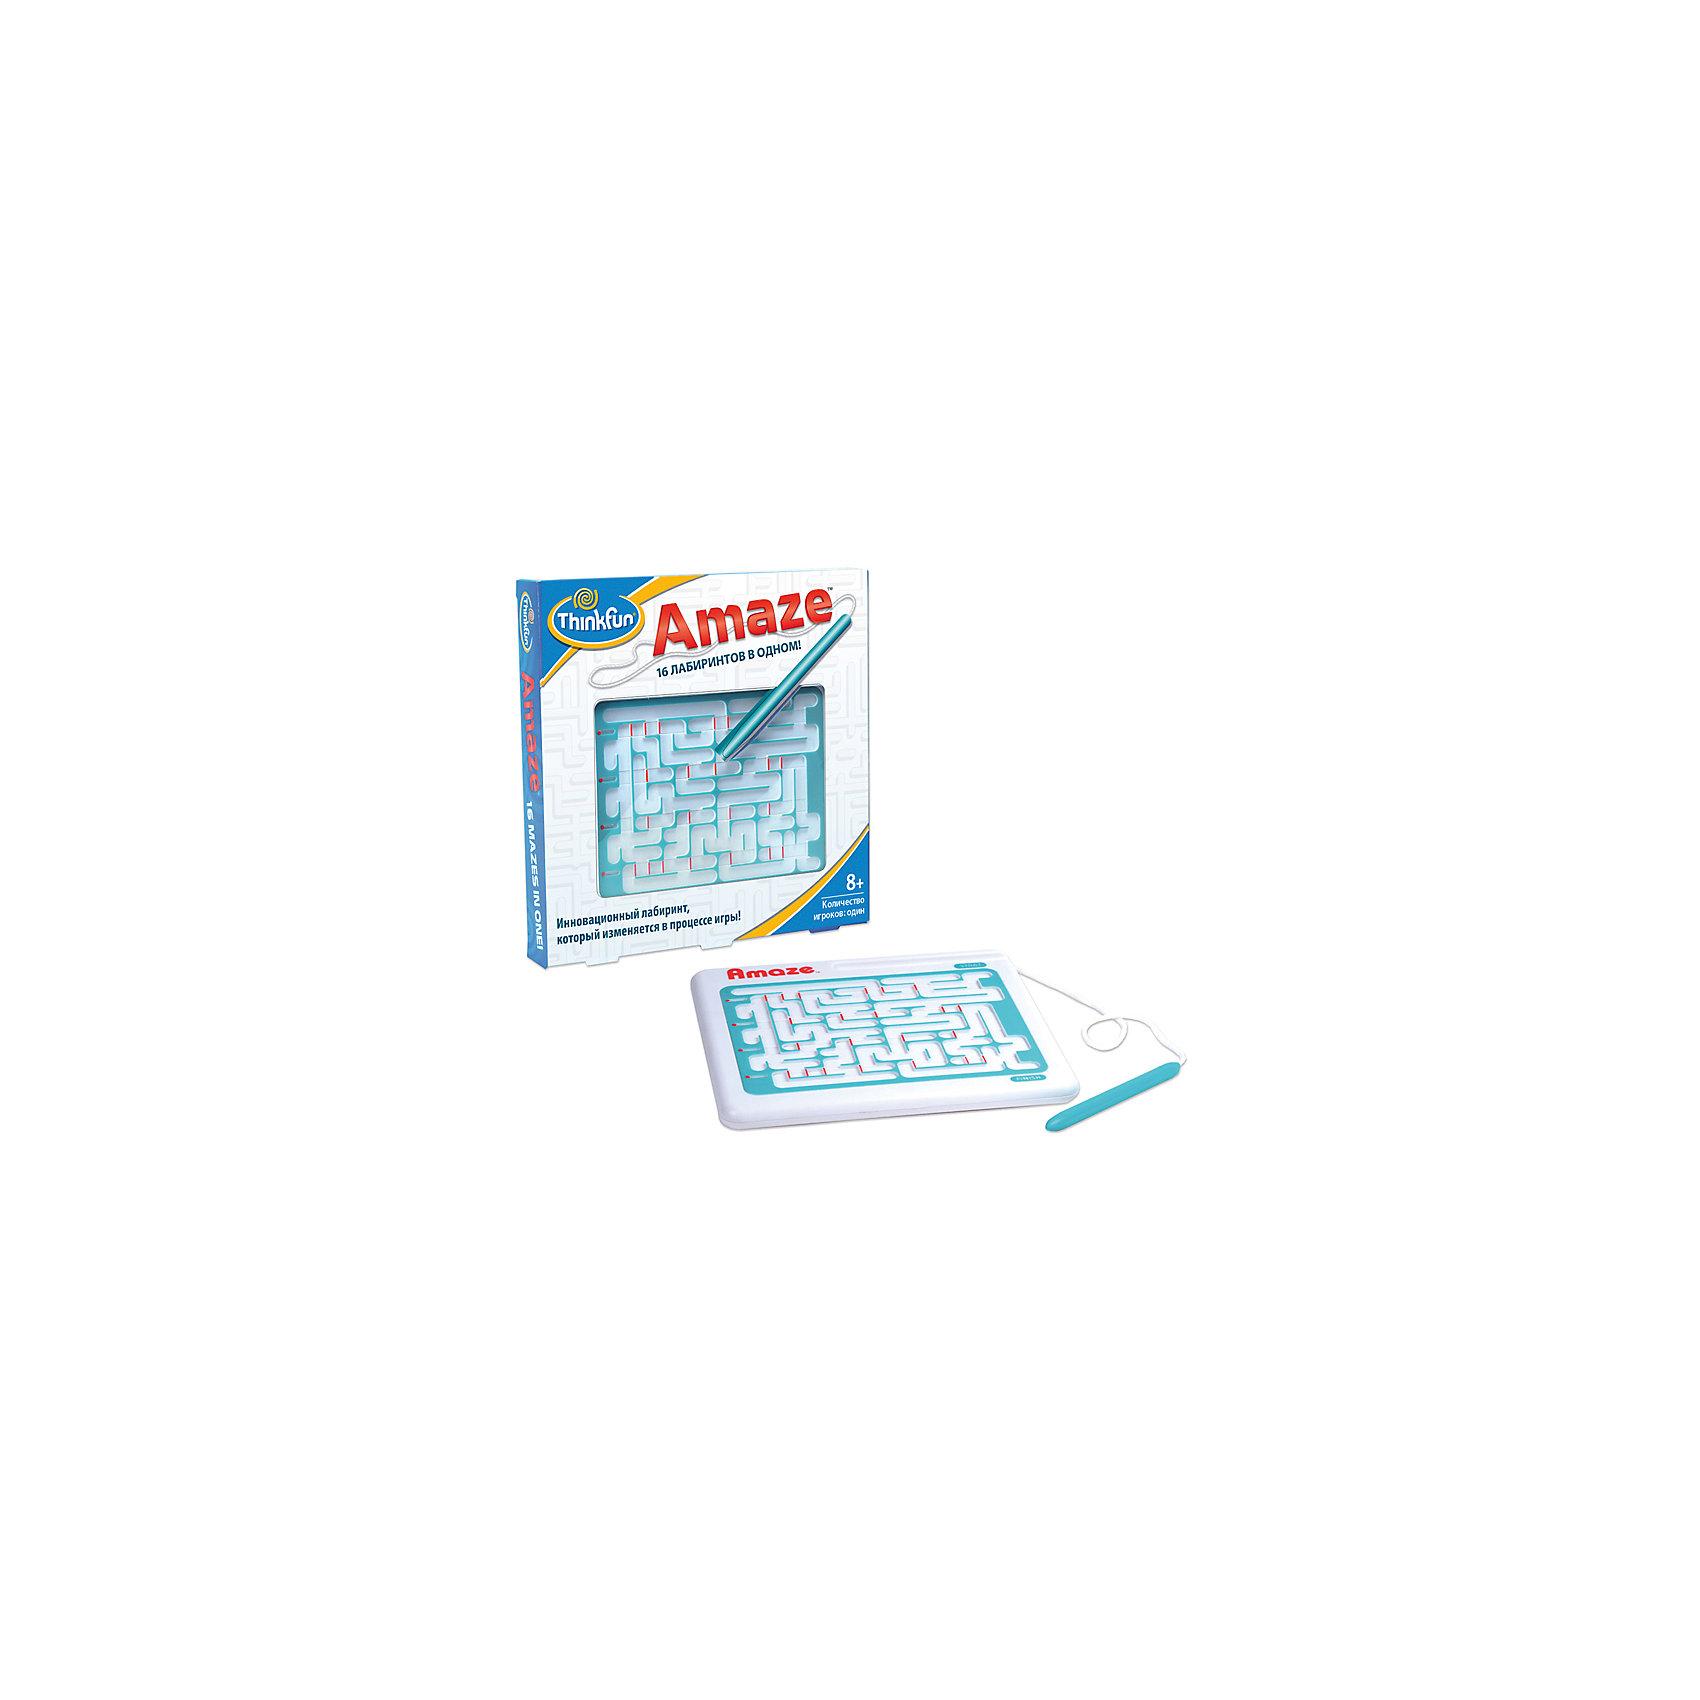 Игра Лабиринт Amaze, ThinkfunЛабиринт Amaze представляет собой не один лабиринт, а их конструктор, позволяющий получить 16 разных вариантов прохождения. Сначала нужно просто суметь найти выход из лабиринтов, а после знакомства со всеми вариациями — научиться делать это максимально быстро.<br><br>Цель игры: пройти лабиринт от начала и до конца, не отрывая стилус от желтой дорожки.<br>Данная игра помогает развить ребенку визуальную память, моторику и внимание.<br><br>Дополнительная информация:<br><br>Порядок игры:<br>- передвинуть красные индикаторы вправо или влево, чтобы они соответствовали рисунку на оборотной стороне игры. Все шестнадцать заданий являются положениями индикаторов.<br>- при прохождениии лабиринта Вам обязательно встретятся красные перегородки, которые можно сдвигать влево и/или вправо, создавая новые проходы. Но будьте осторожны - Вы можете загнать себя в ловушку!<br><br>Ширина мм: 203<br>Глубина мм: 254<br>Высота мм: 203<br>Вес г: 212<br>Возраст от месяцев: 72<br>Возраст до месяцев: 1188<br>Пол: Унисекс<br>Возраст: Детский<br>SKU: 2148454